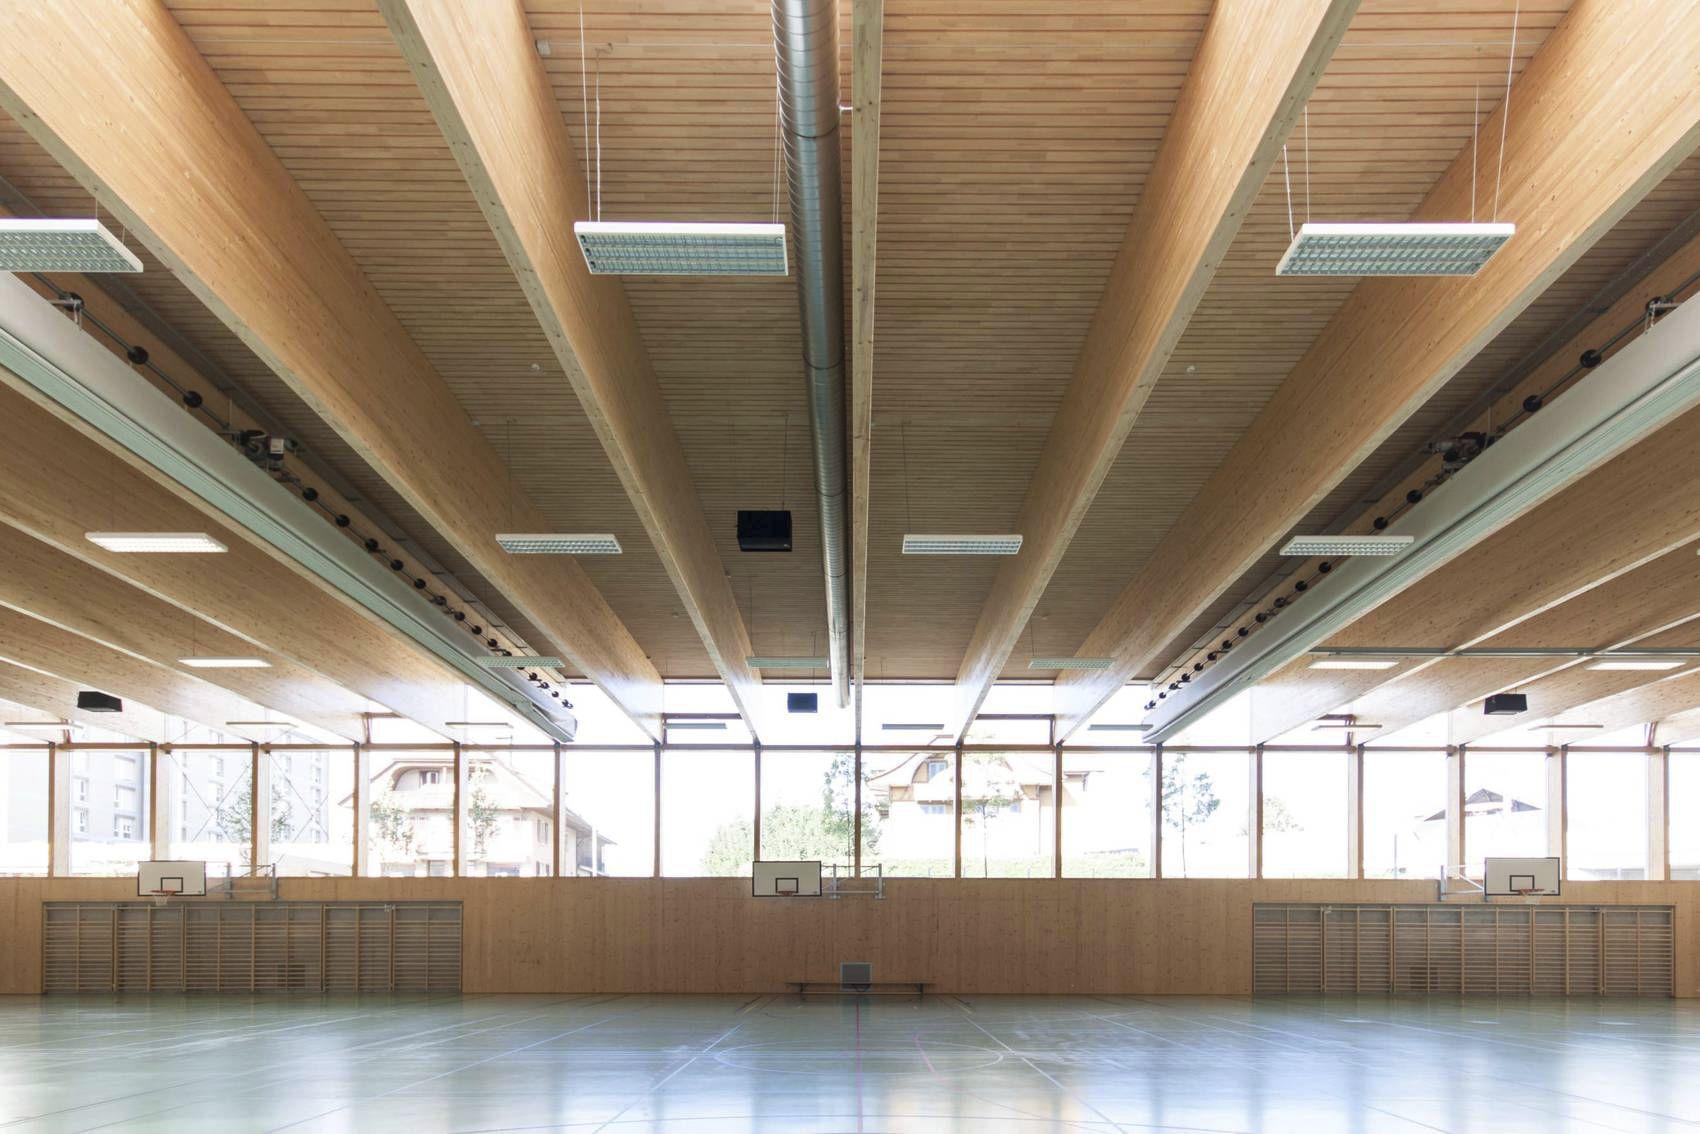 Solaio In Legno Lamellare Autoportante pannello strutturale in legno - q3 classique - lignotrend